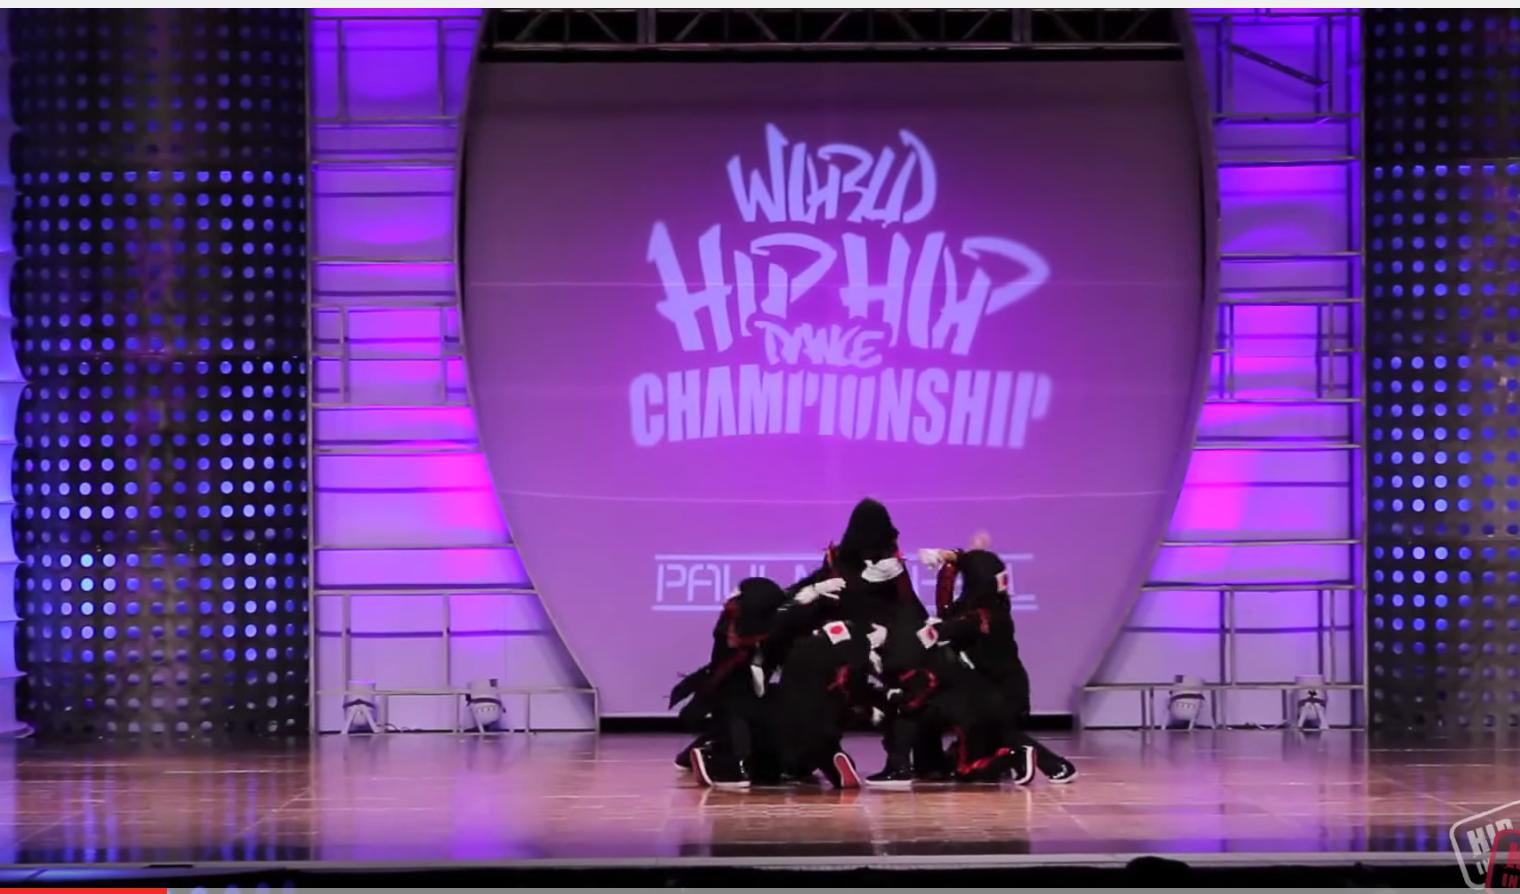 【海外の反応】日本のダンスレベル高すぎ!ヒップホップ世界選手権に出場したダンスグループが凄い!